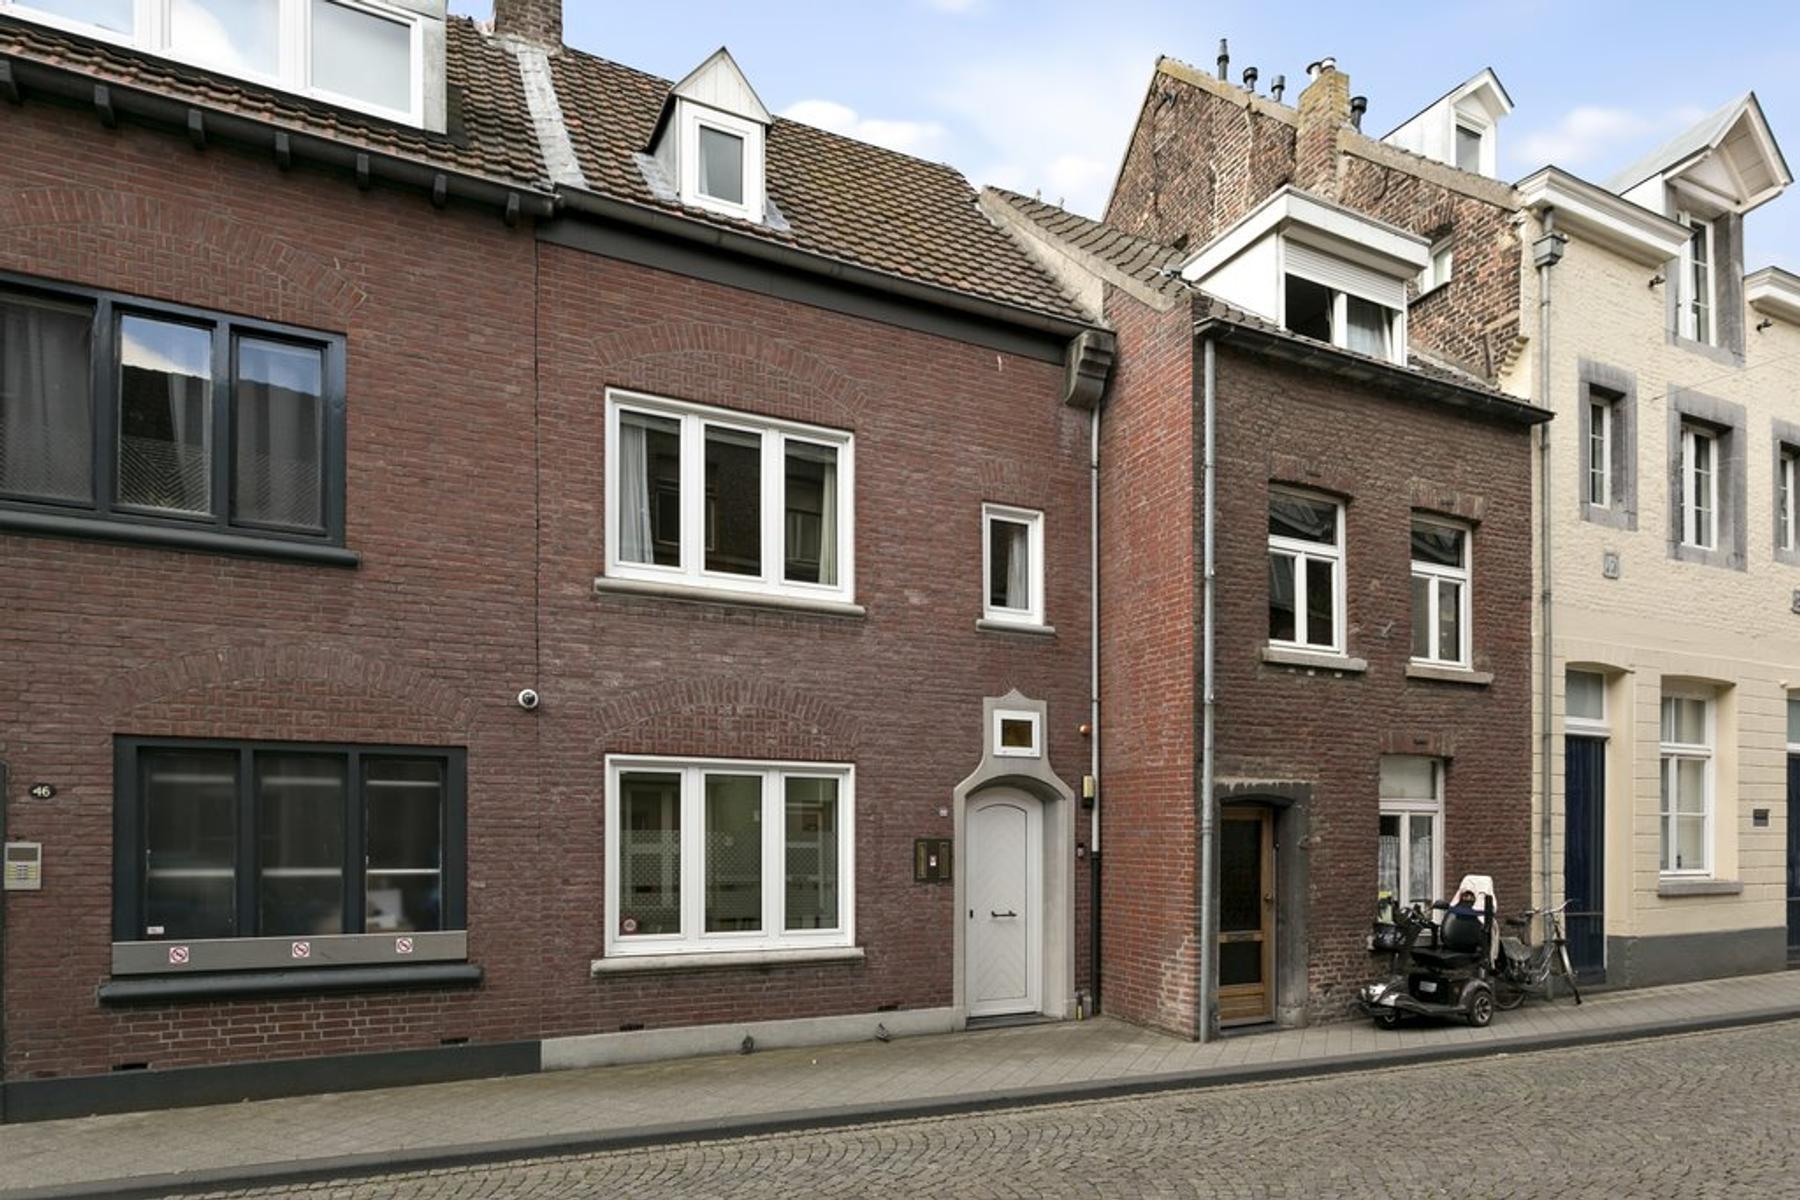 Wycker Grachtstraat 44 in Maastricht 6221 CX